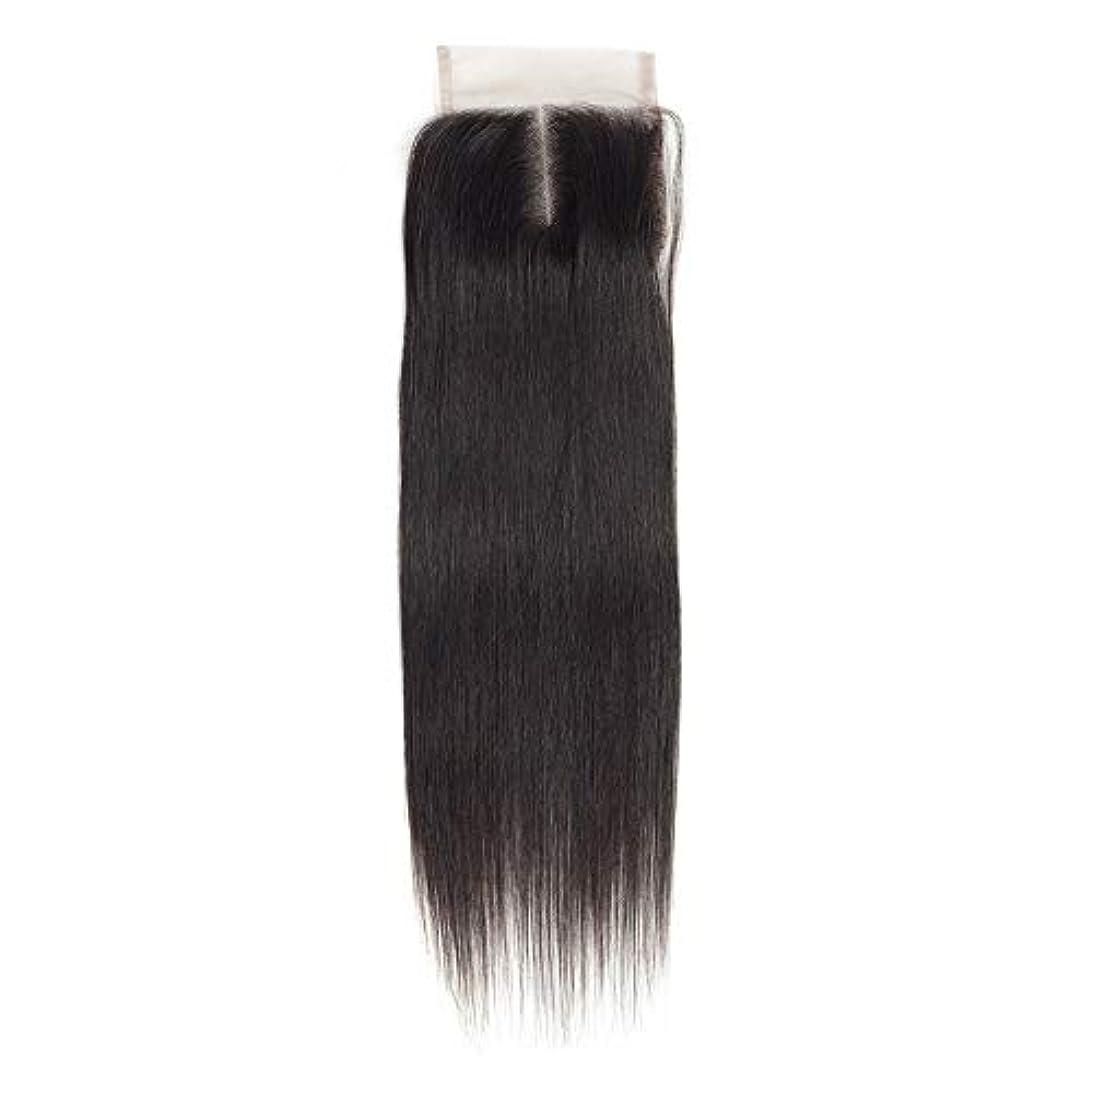 高尚なイチゴ連続的WASAIO 女性のレミー人間ヘアエクステンションクリップのシームレスな髪型4x4のレースフロンタル閉鎖横隔膜パートナチュラルカラー解かの横糸 (色 : 黒, サイズ : 10 inch)